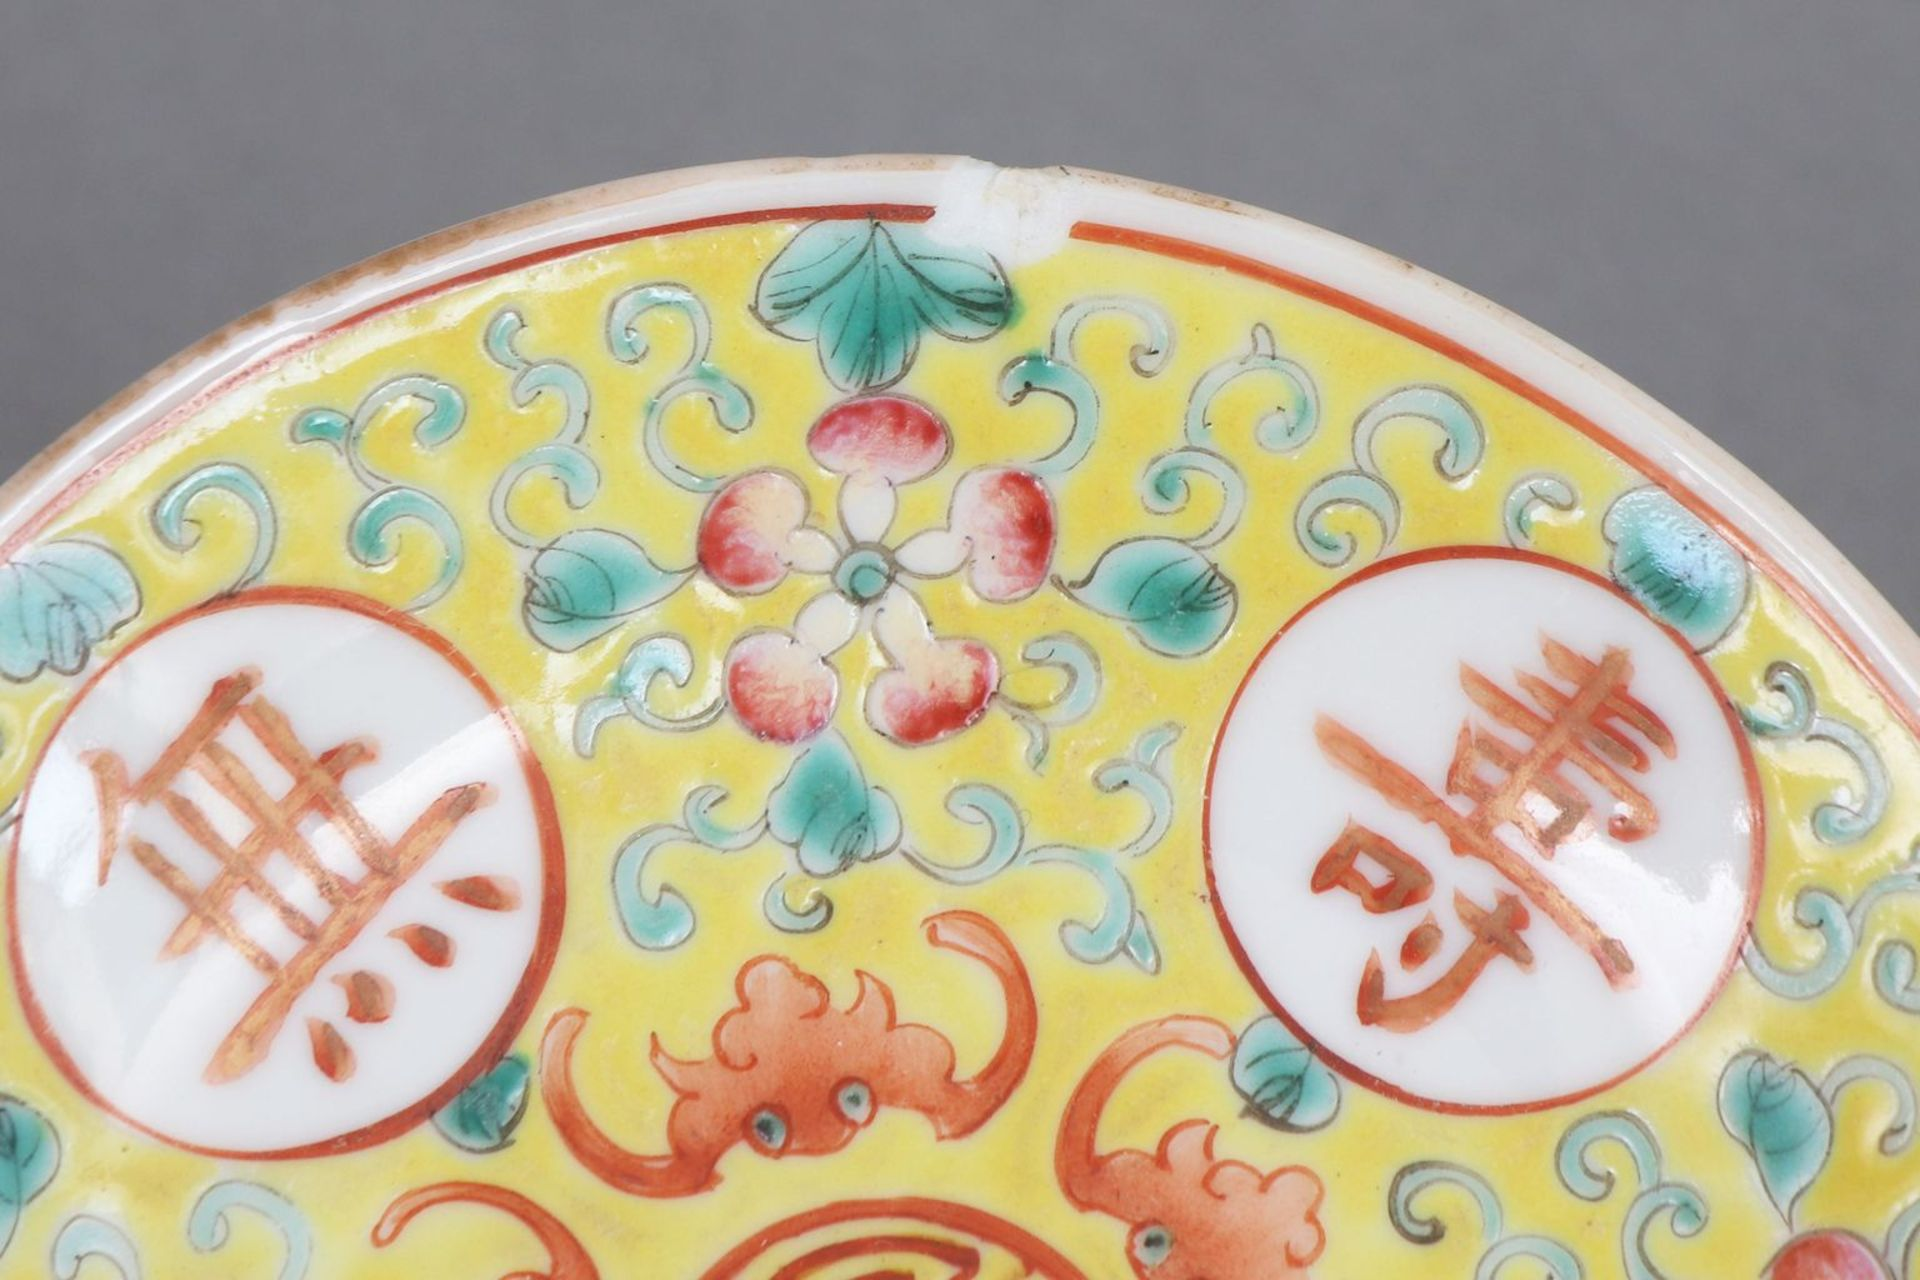 6 chinesische Tassen mit Untertassen - Bild 6 aus 6